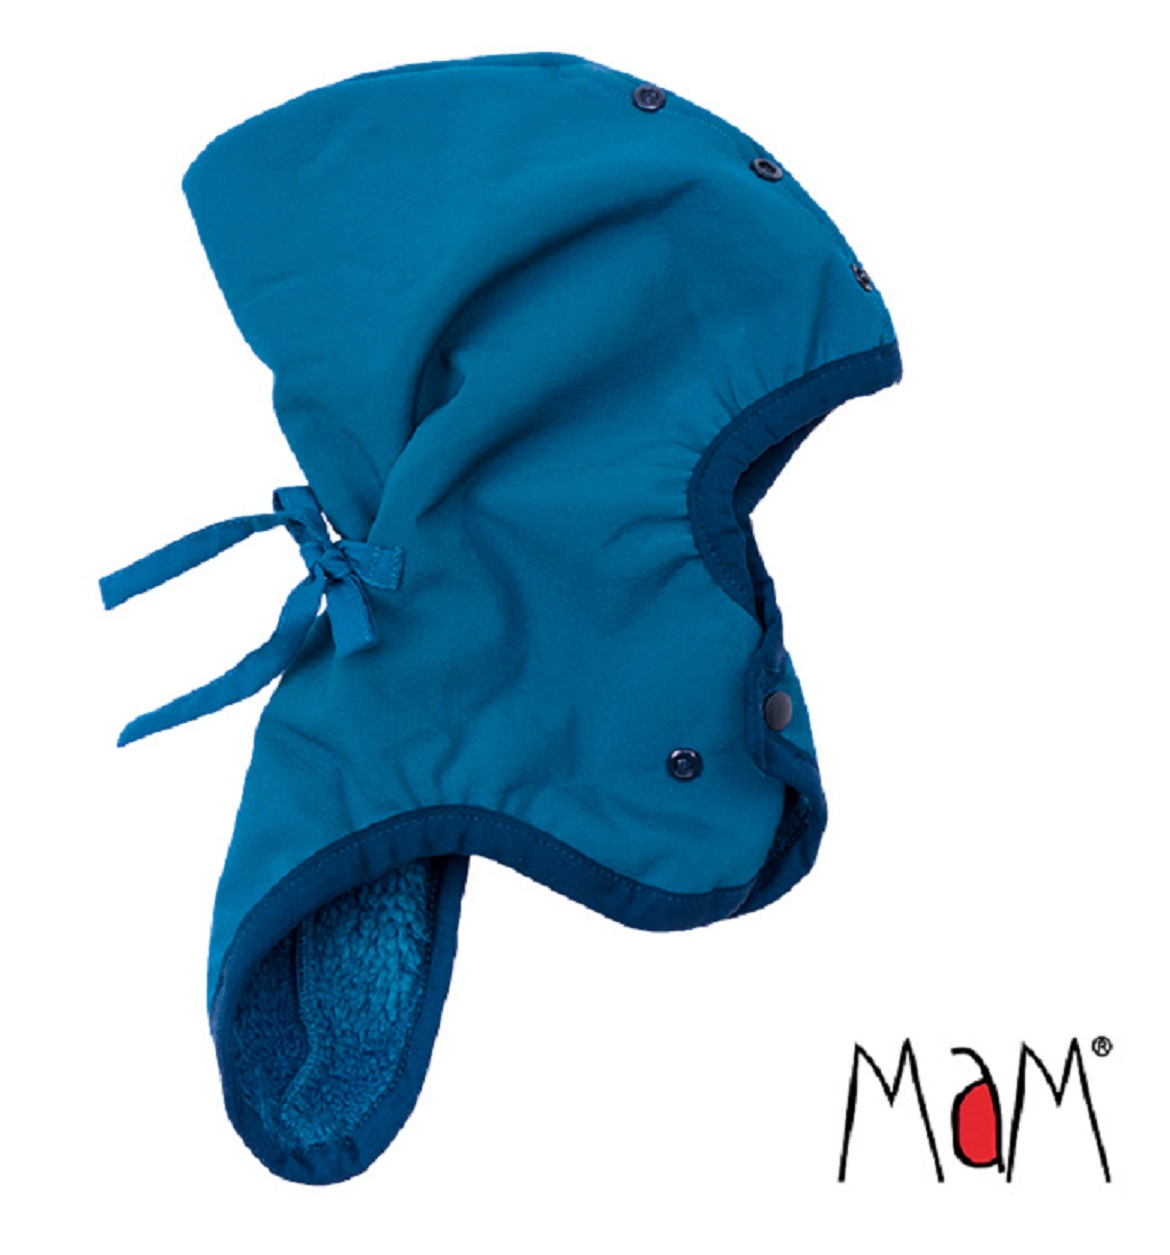 b7606e17764d6 Bonnet lutin / cagoule chaude ajustable 0 / 2 ans Mykonos - SeBio